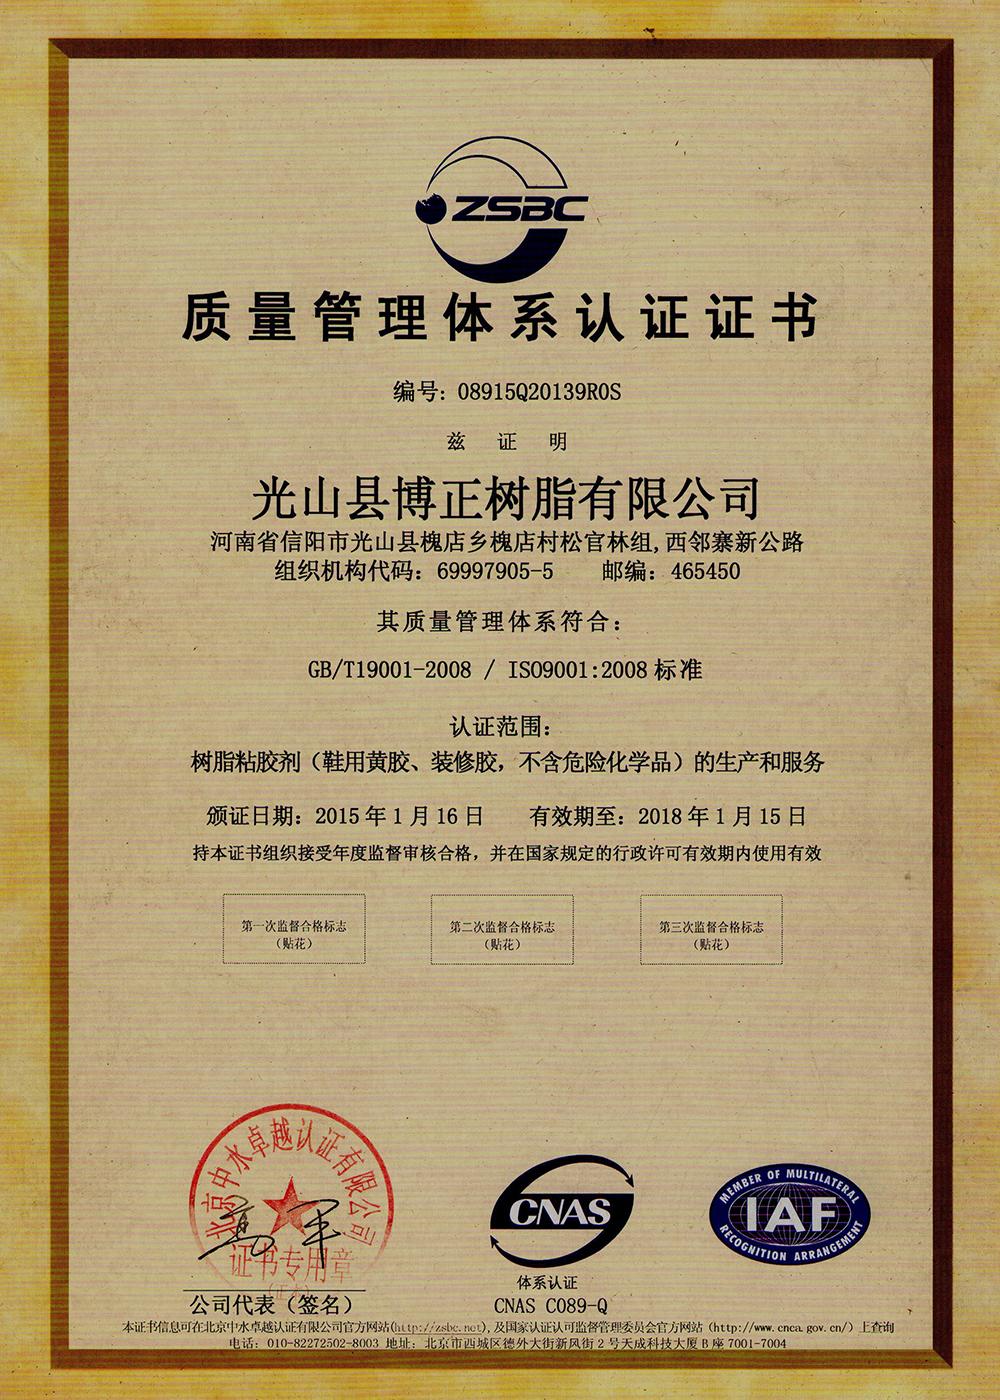 质量管理体系认证证书.jpg